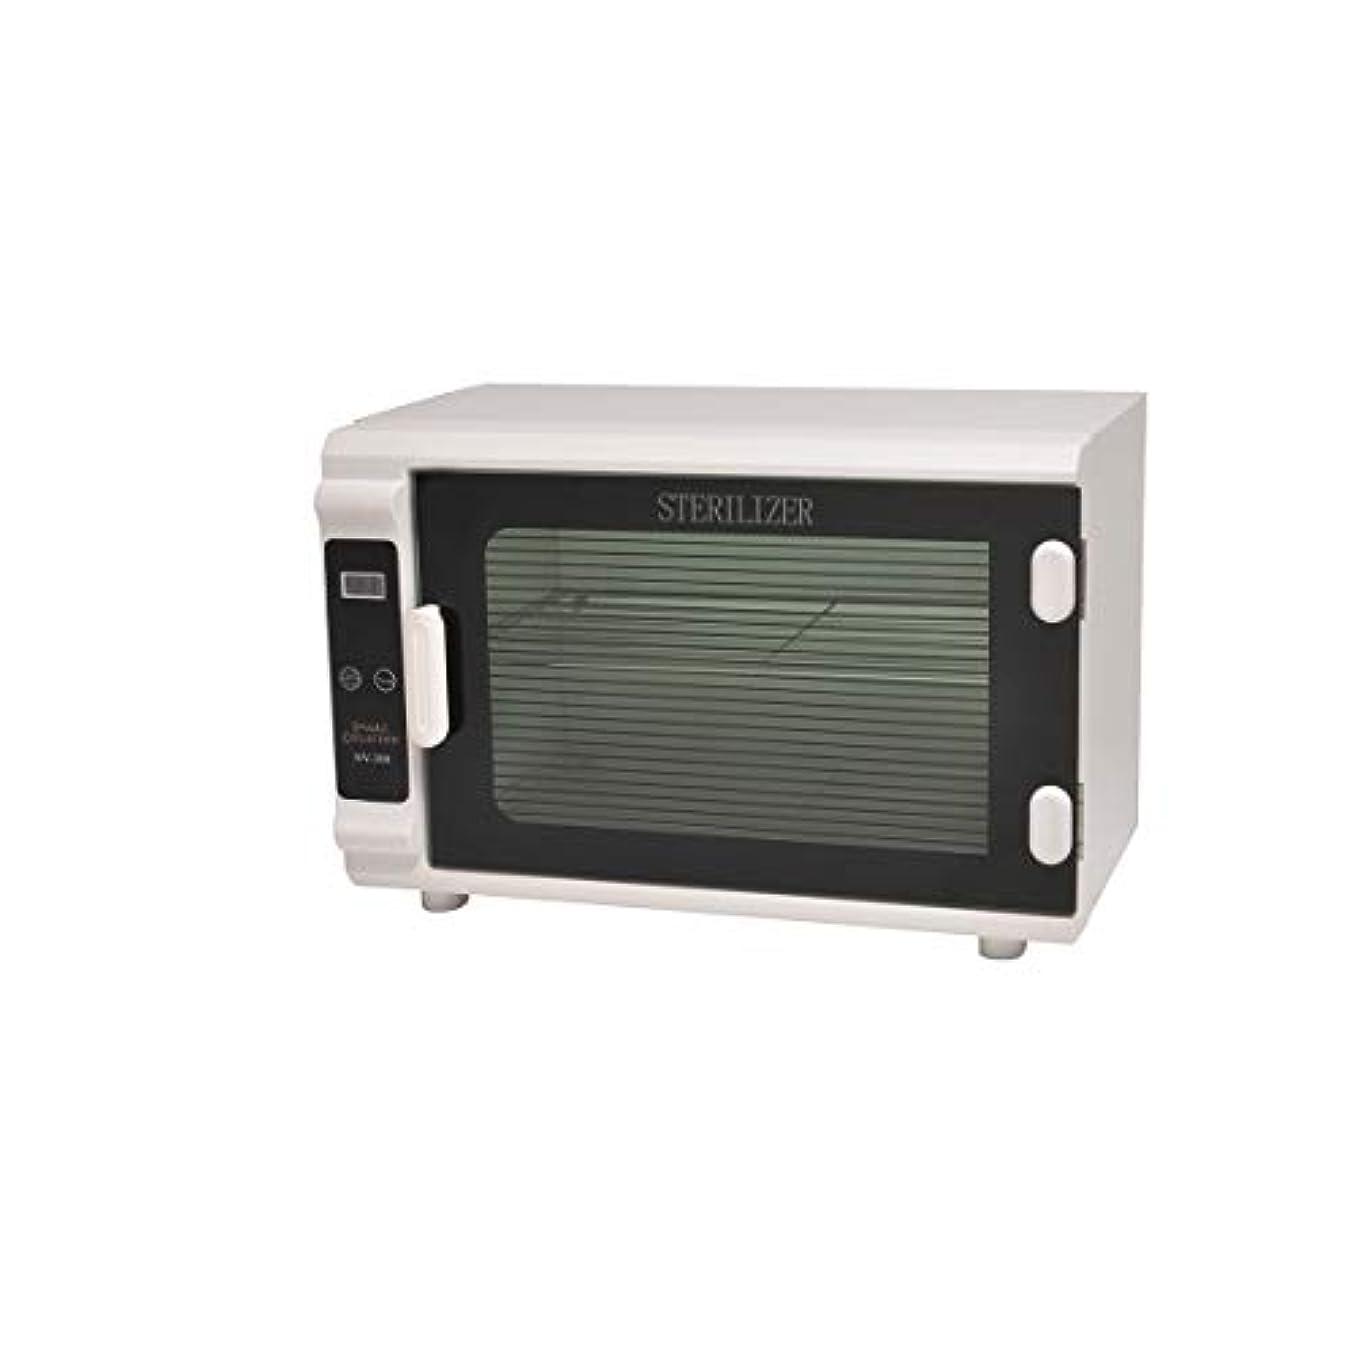 先行する満足させる疼痛タイマー付紫外線消毒器NV-308EX(PHILIPS社製ライト採用)